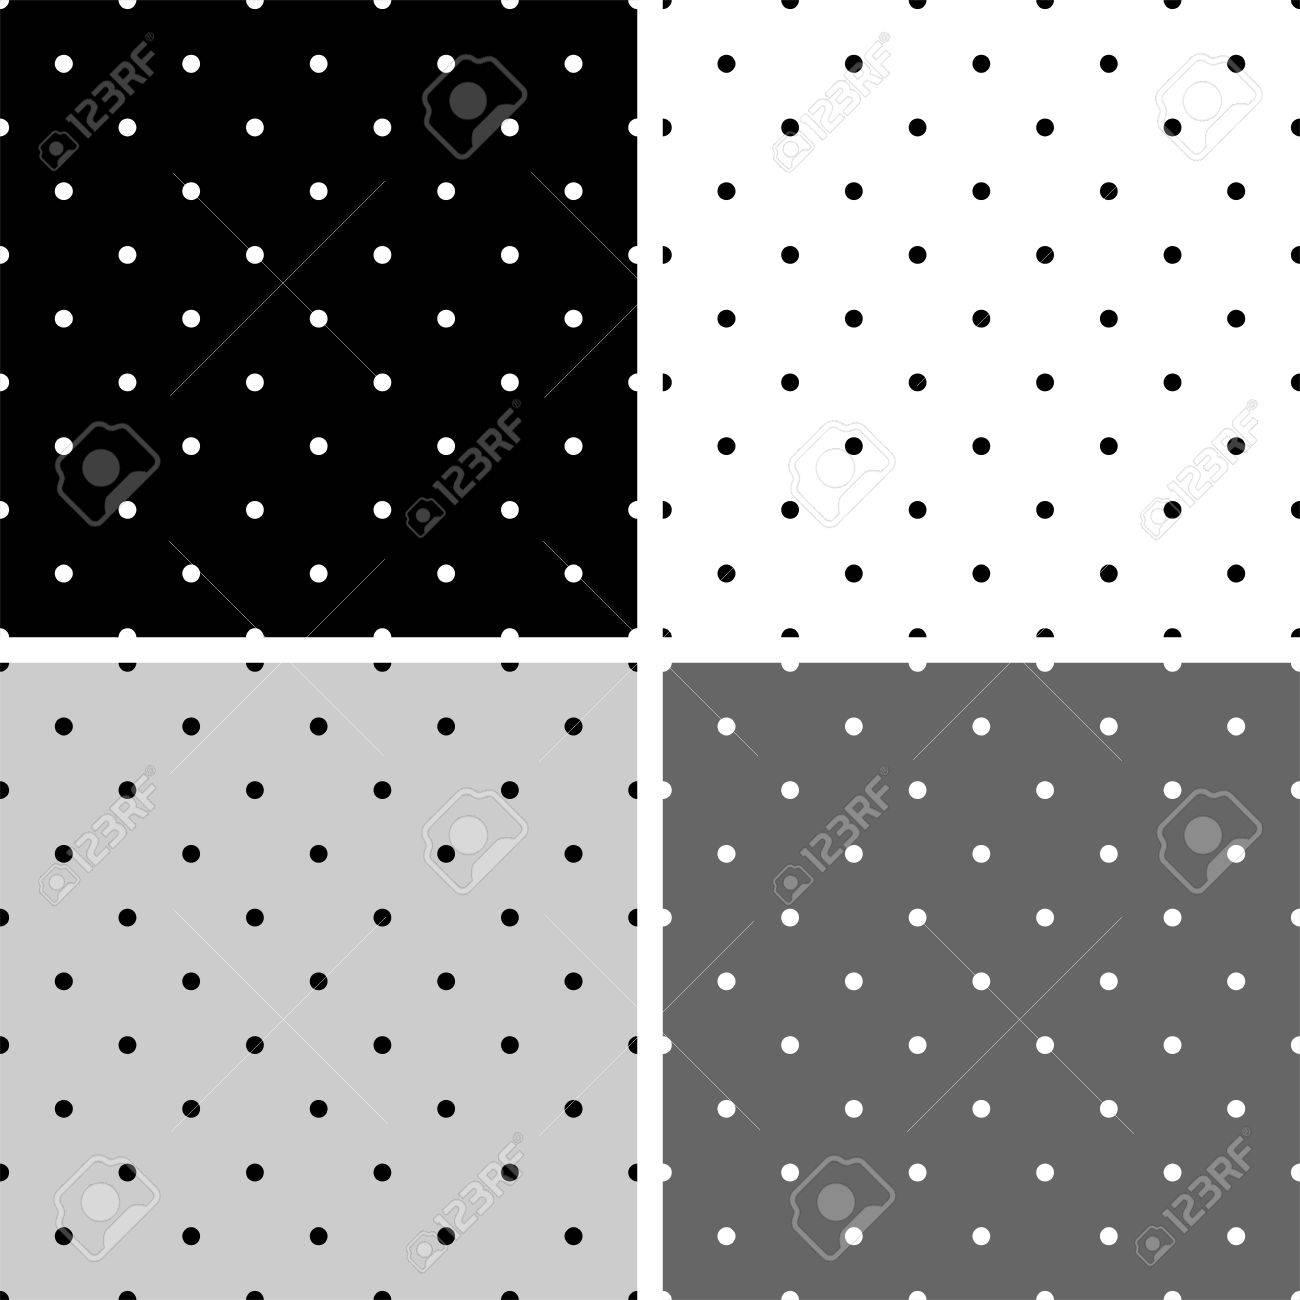 シームレスな黒の白とグレーのベクター パターンや大小の Polkadots で設定背景 デスクトップ壁紙と Web サイト デザイン のイラスト素材 ベクタ Image